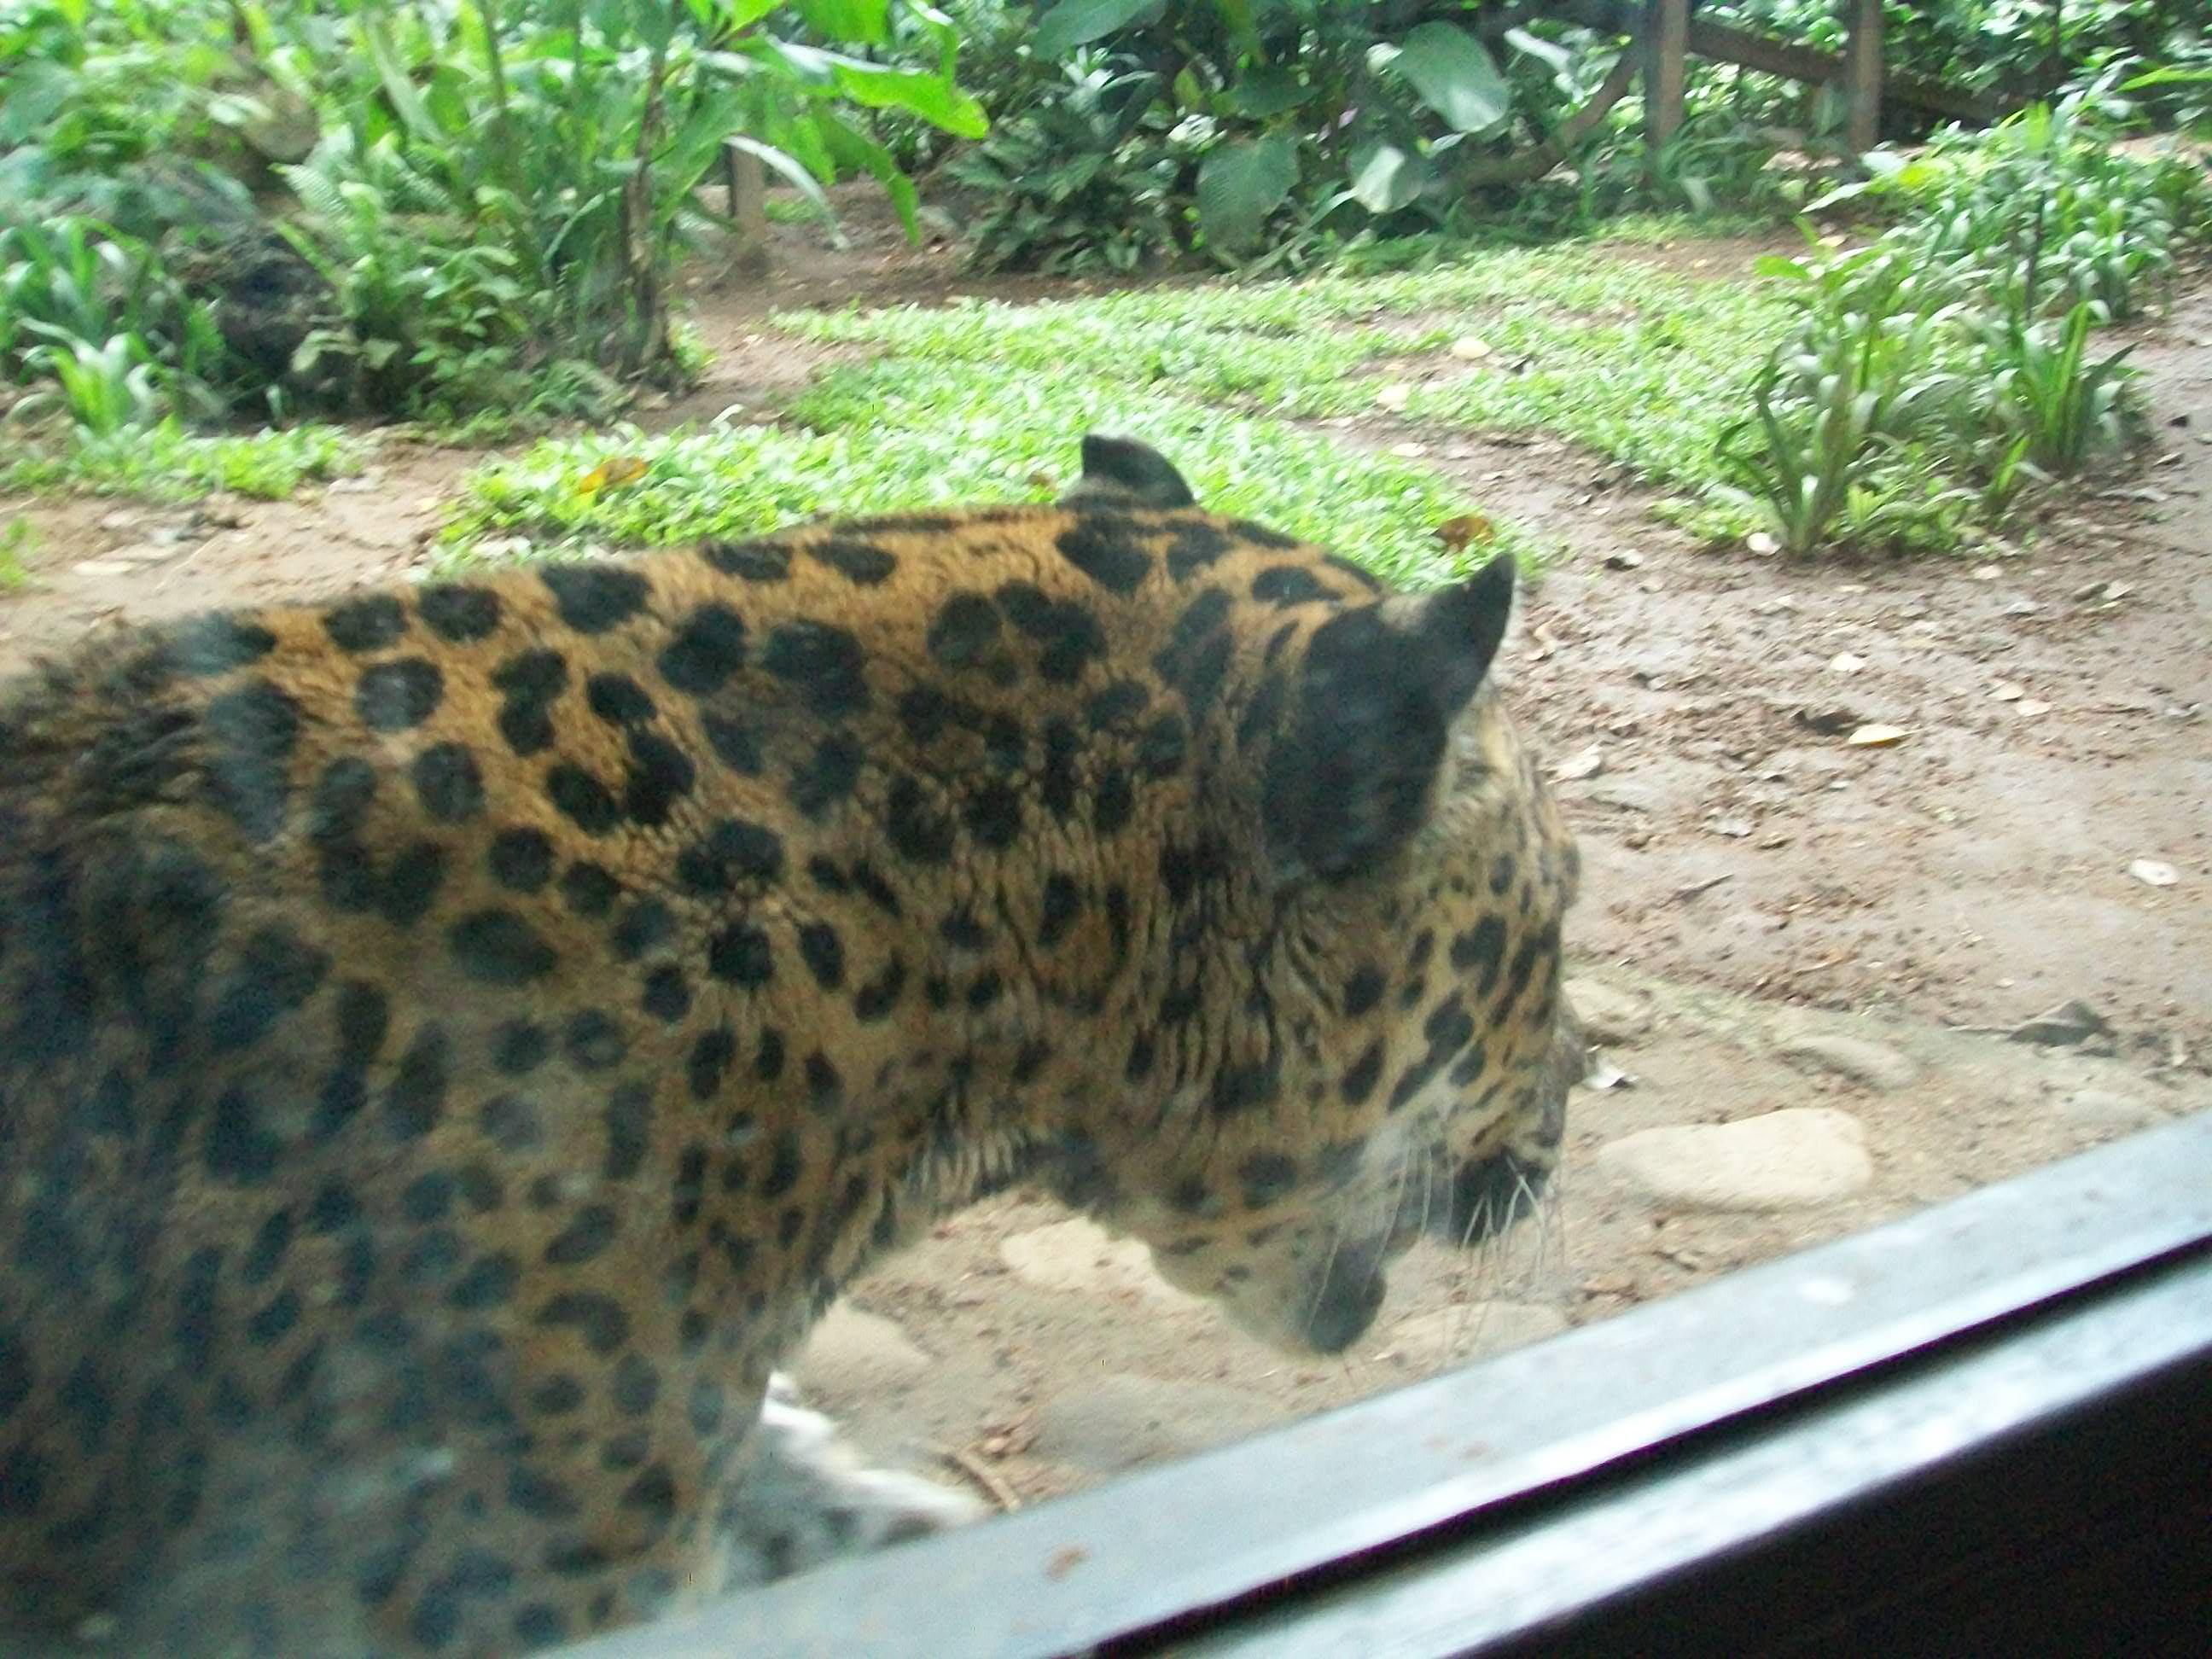 file:jaguar en zoo simon bolivar, san jose, costa rica